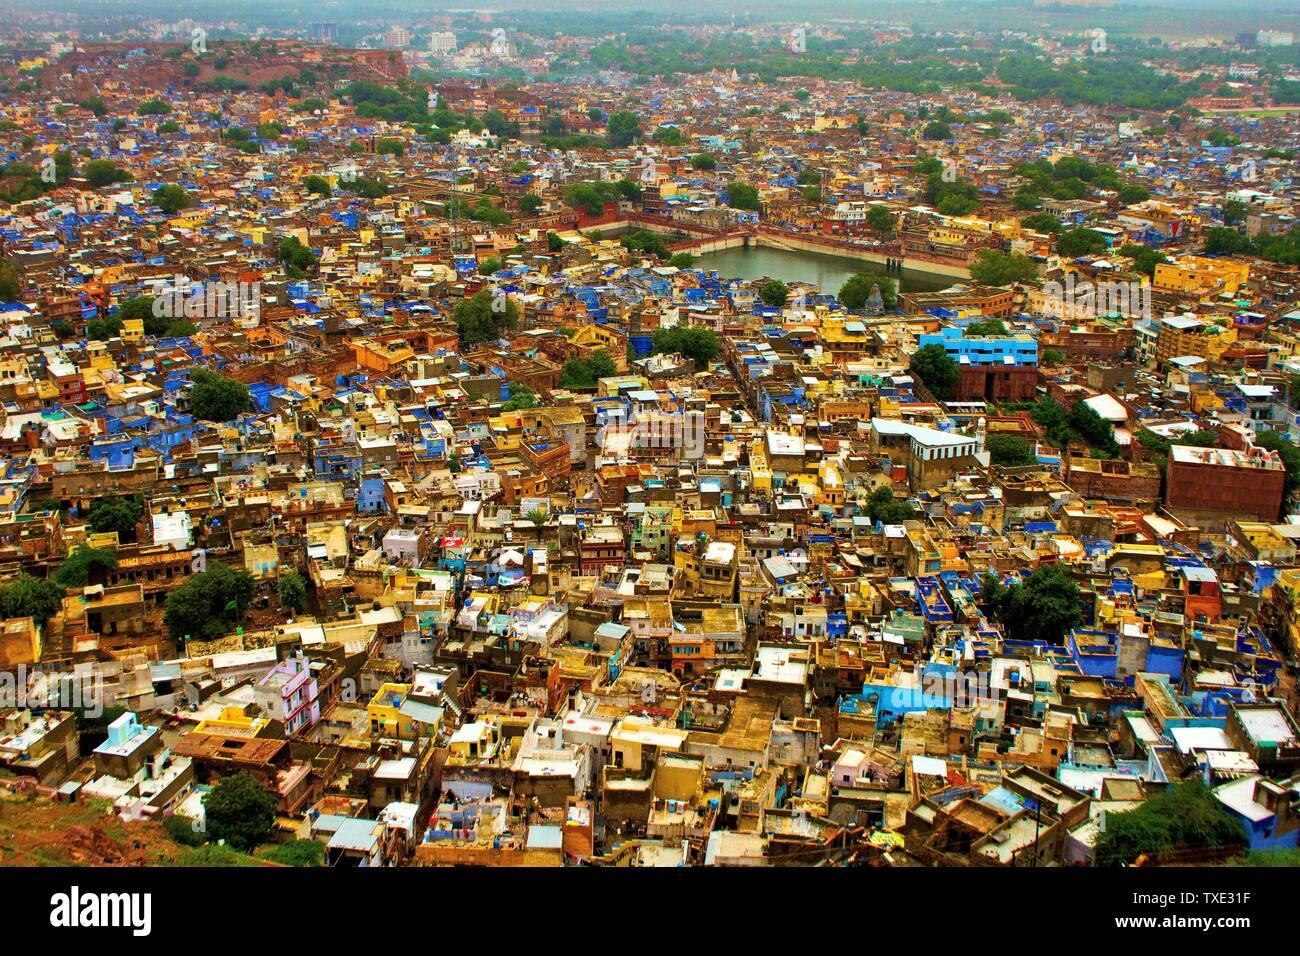 Vue aérienne de la ville bleue, Jodhpur, Rajasthan, Inde, Asie Banque D'Images